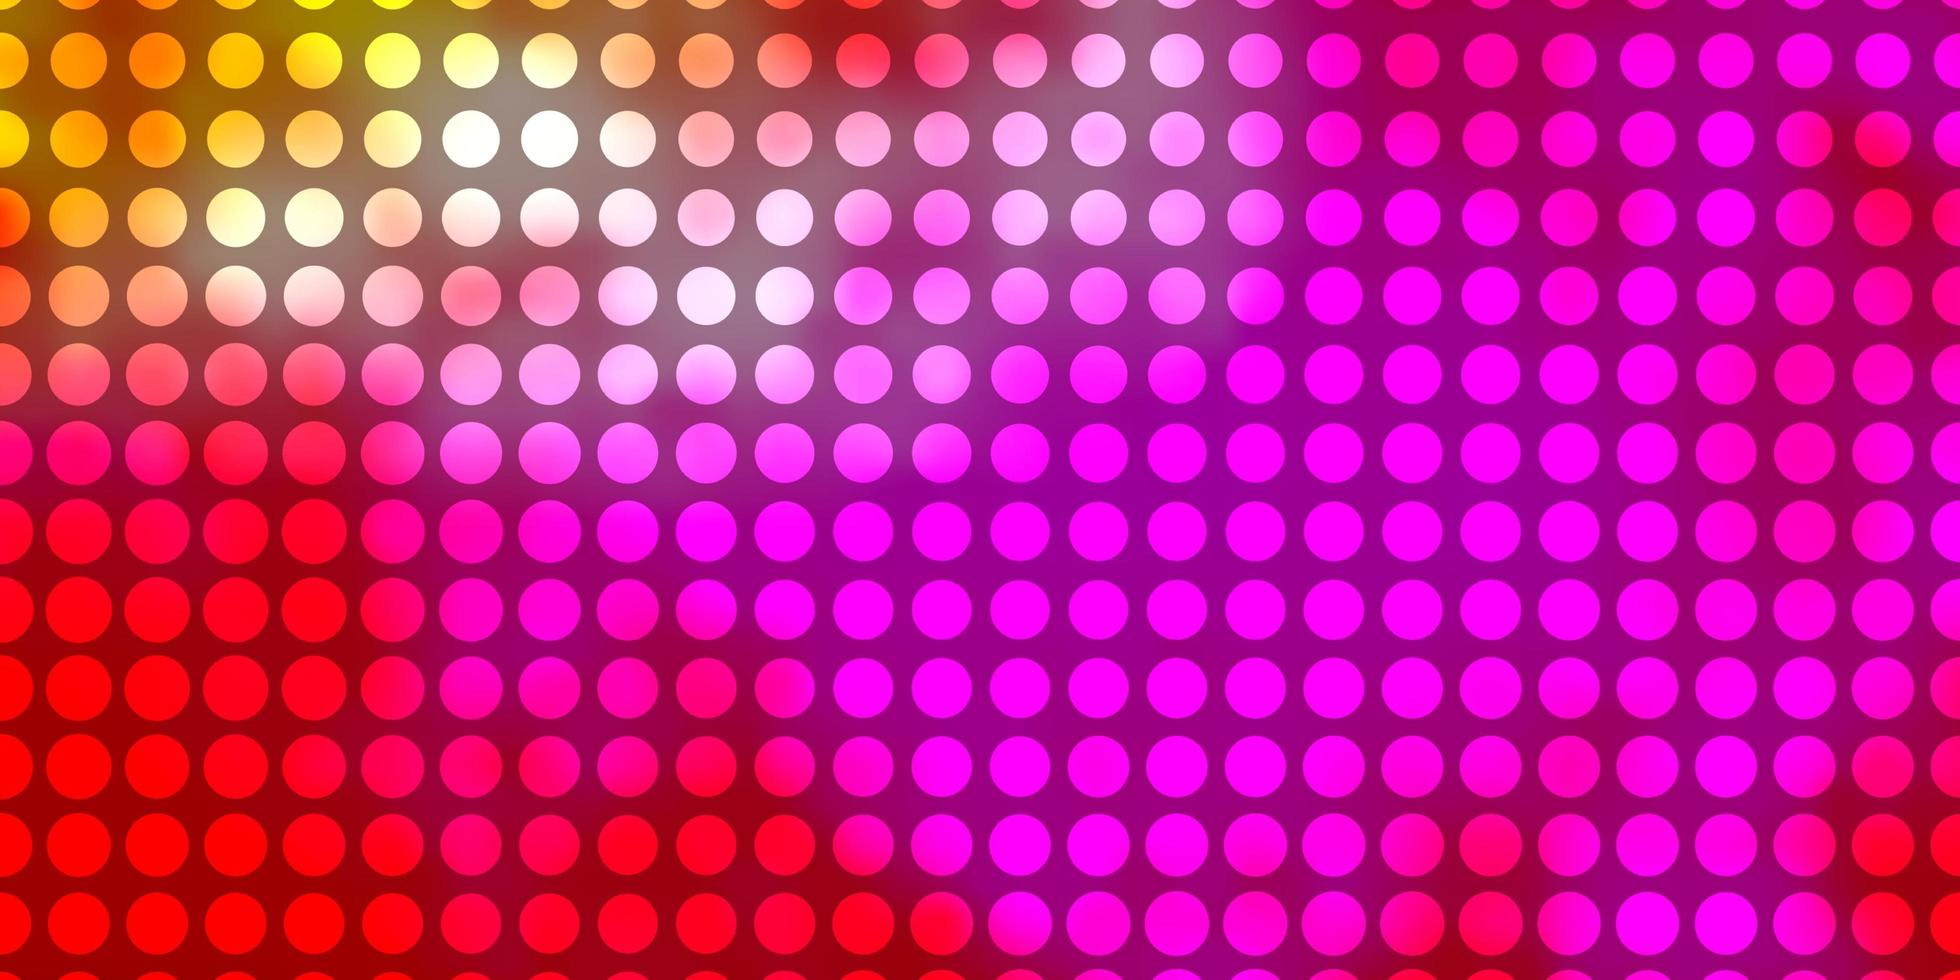 plantilla de vector de color rosa claro, amarillo con círculos.